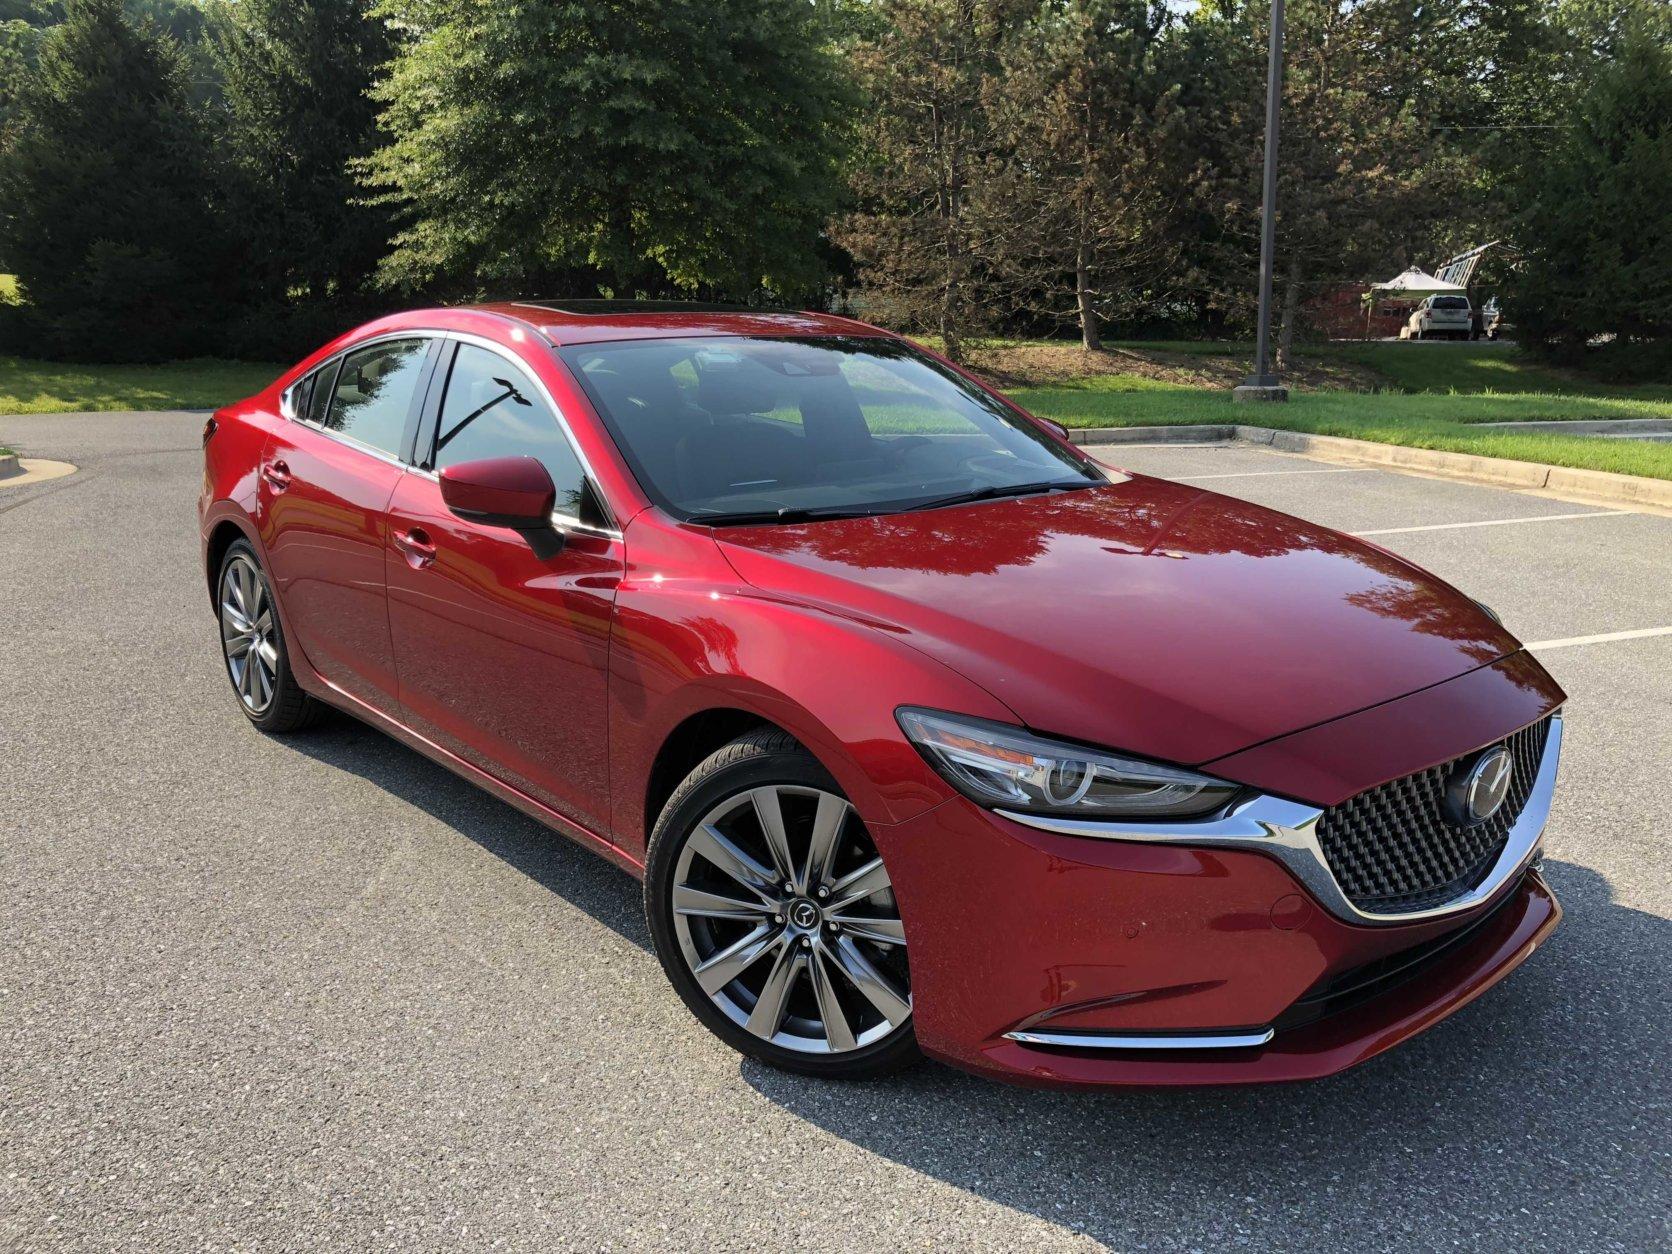 Kelebihan Kekurangan Mazda 6 2.5 Turbo Top Model Tahun Ini